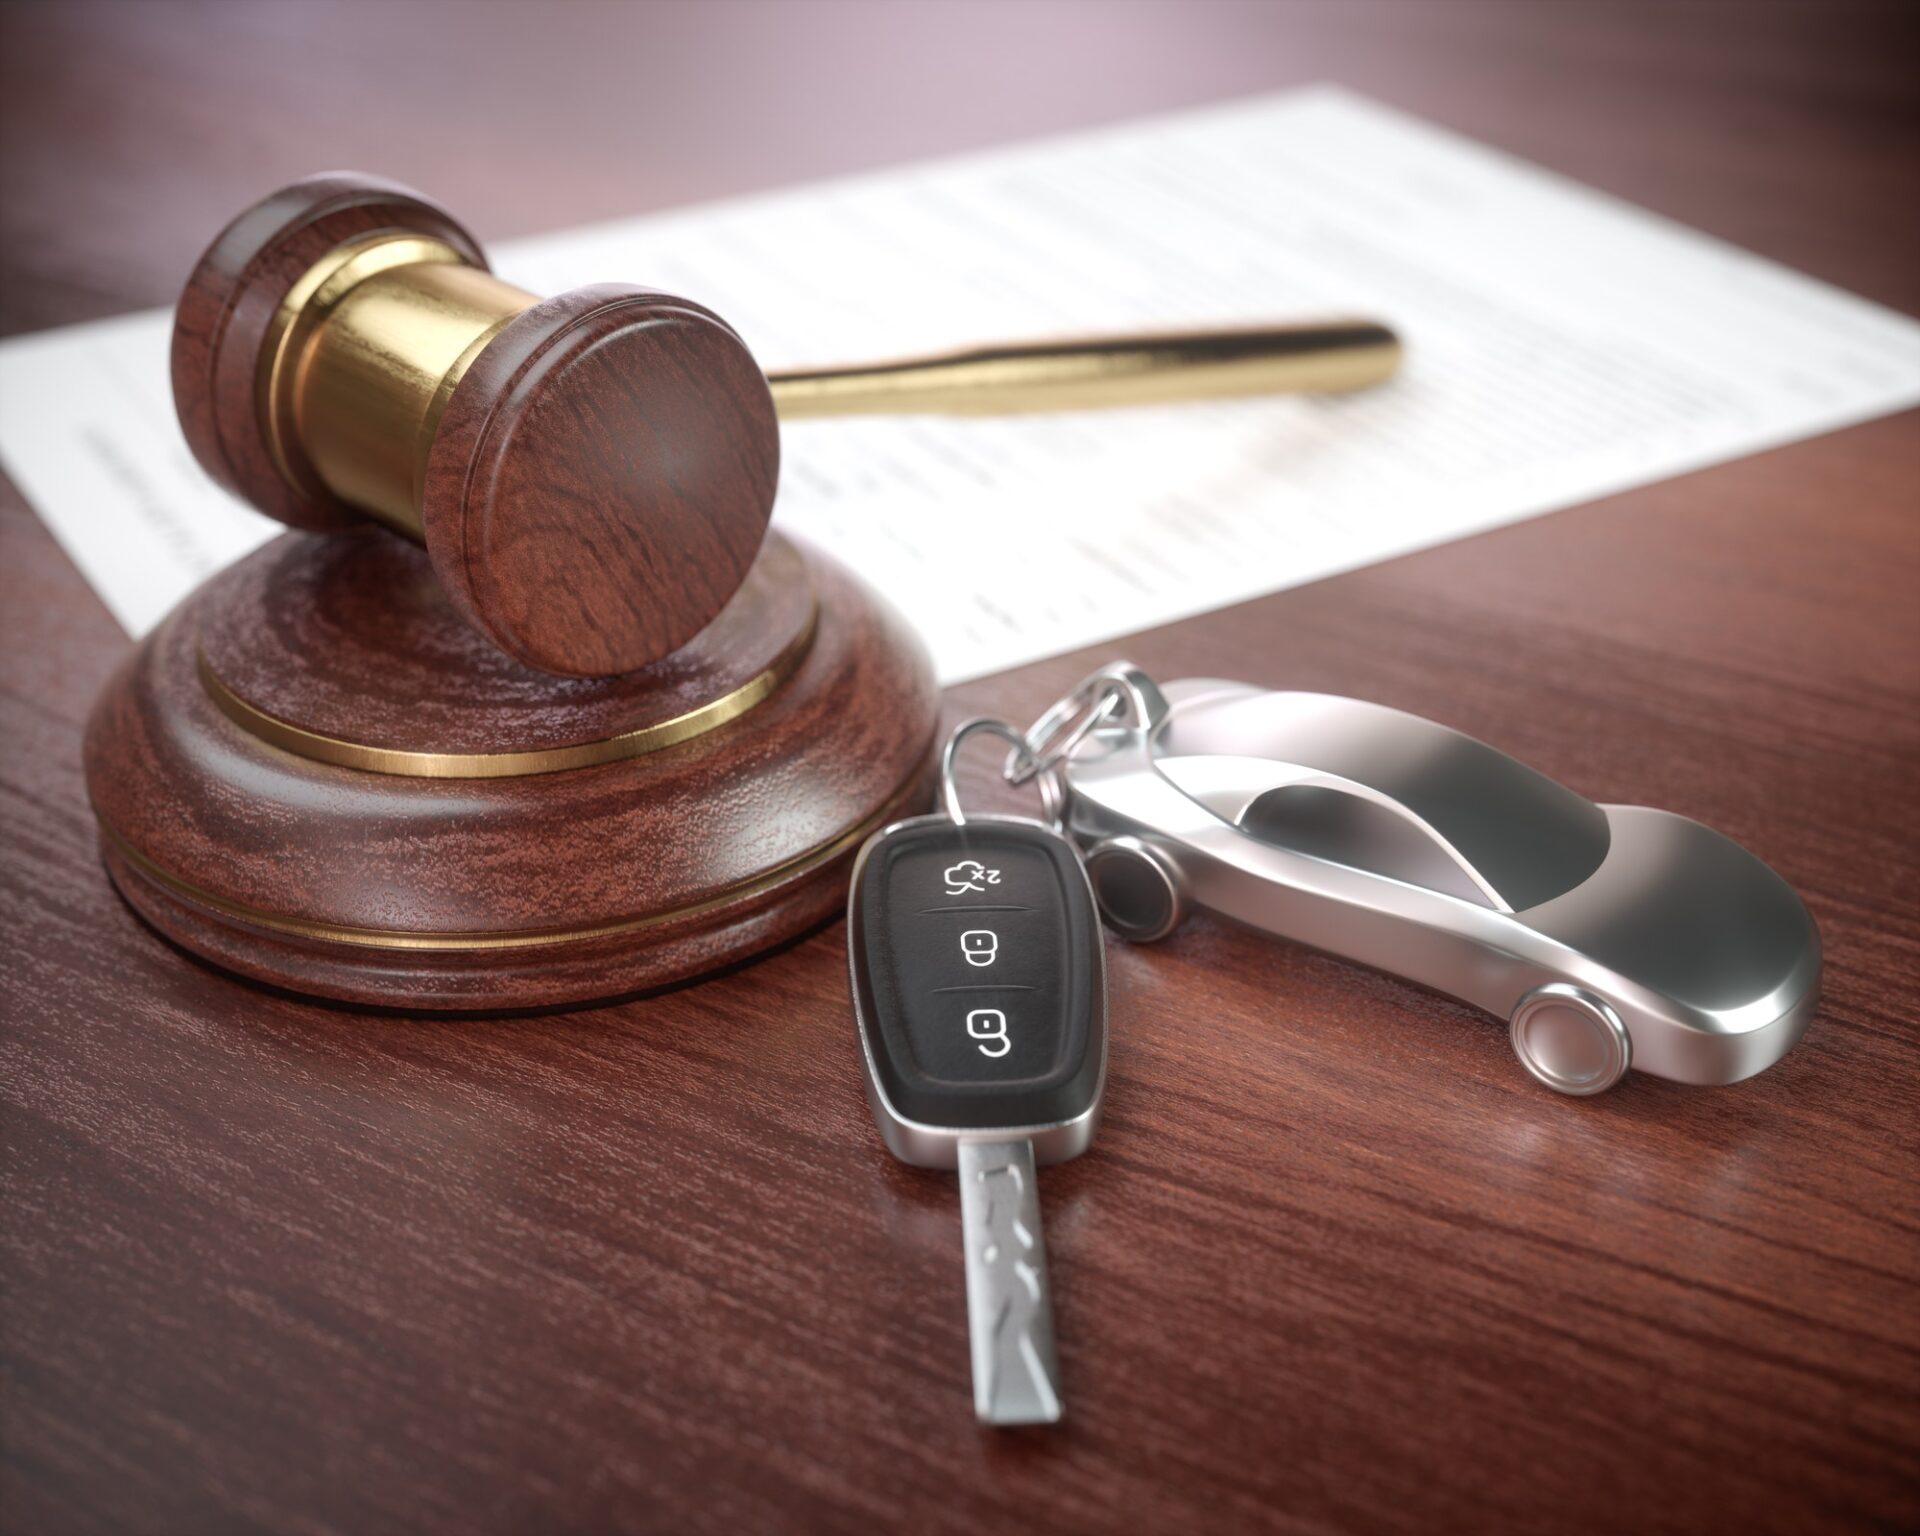 Car Auction Business Concept